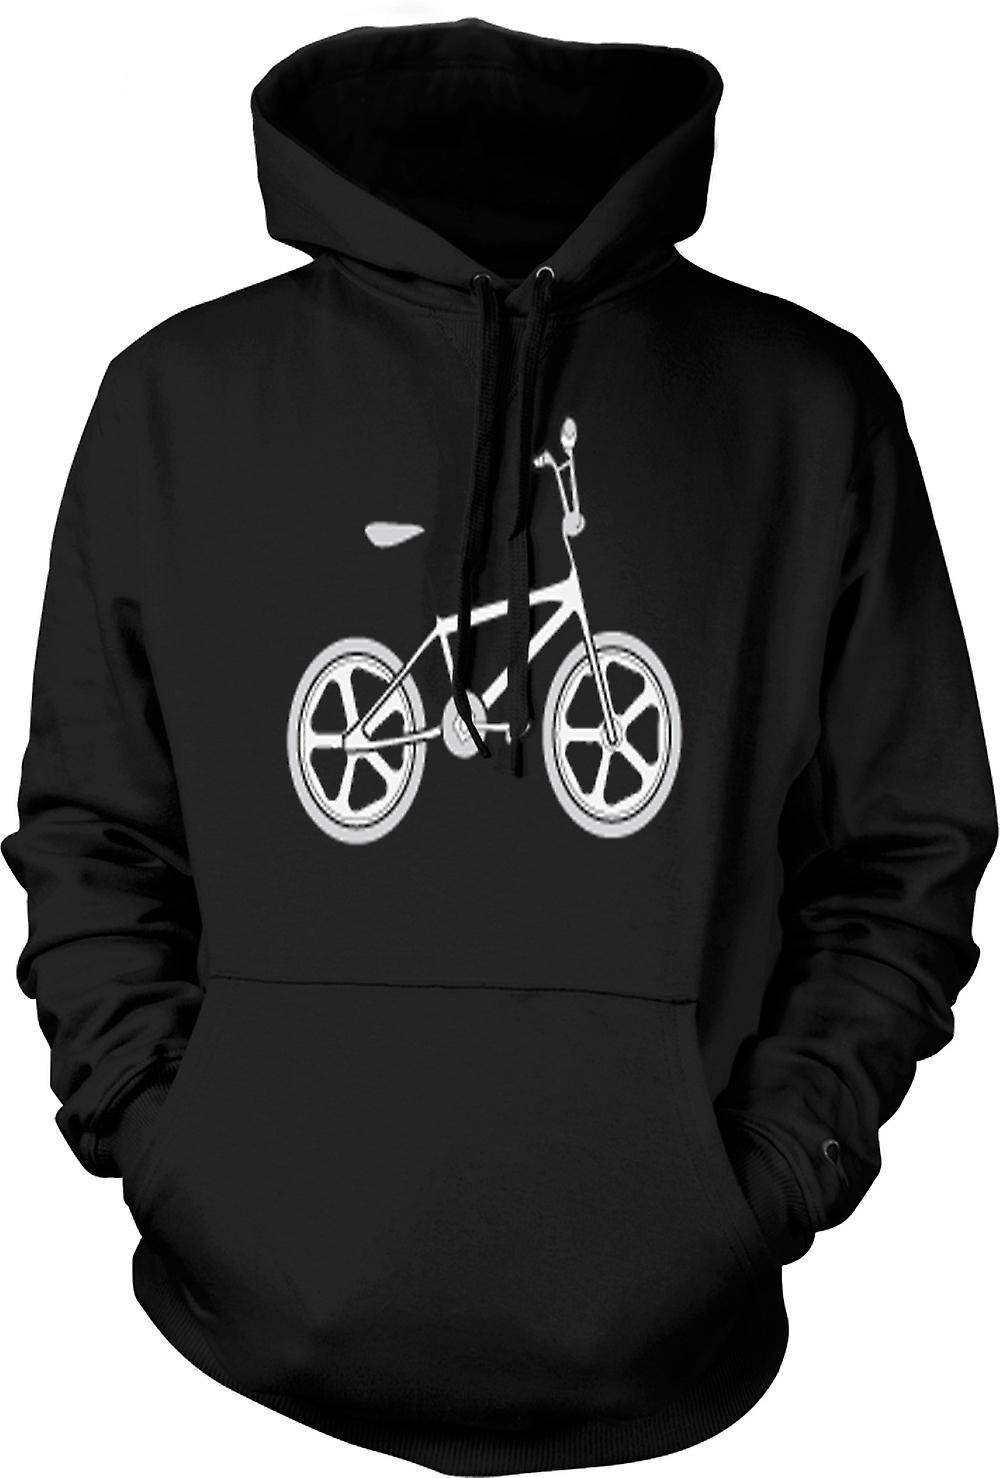 Kids Hoodie - Vintage 80s BMX Bike